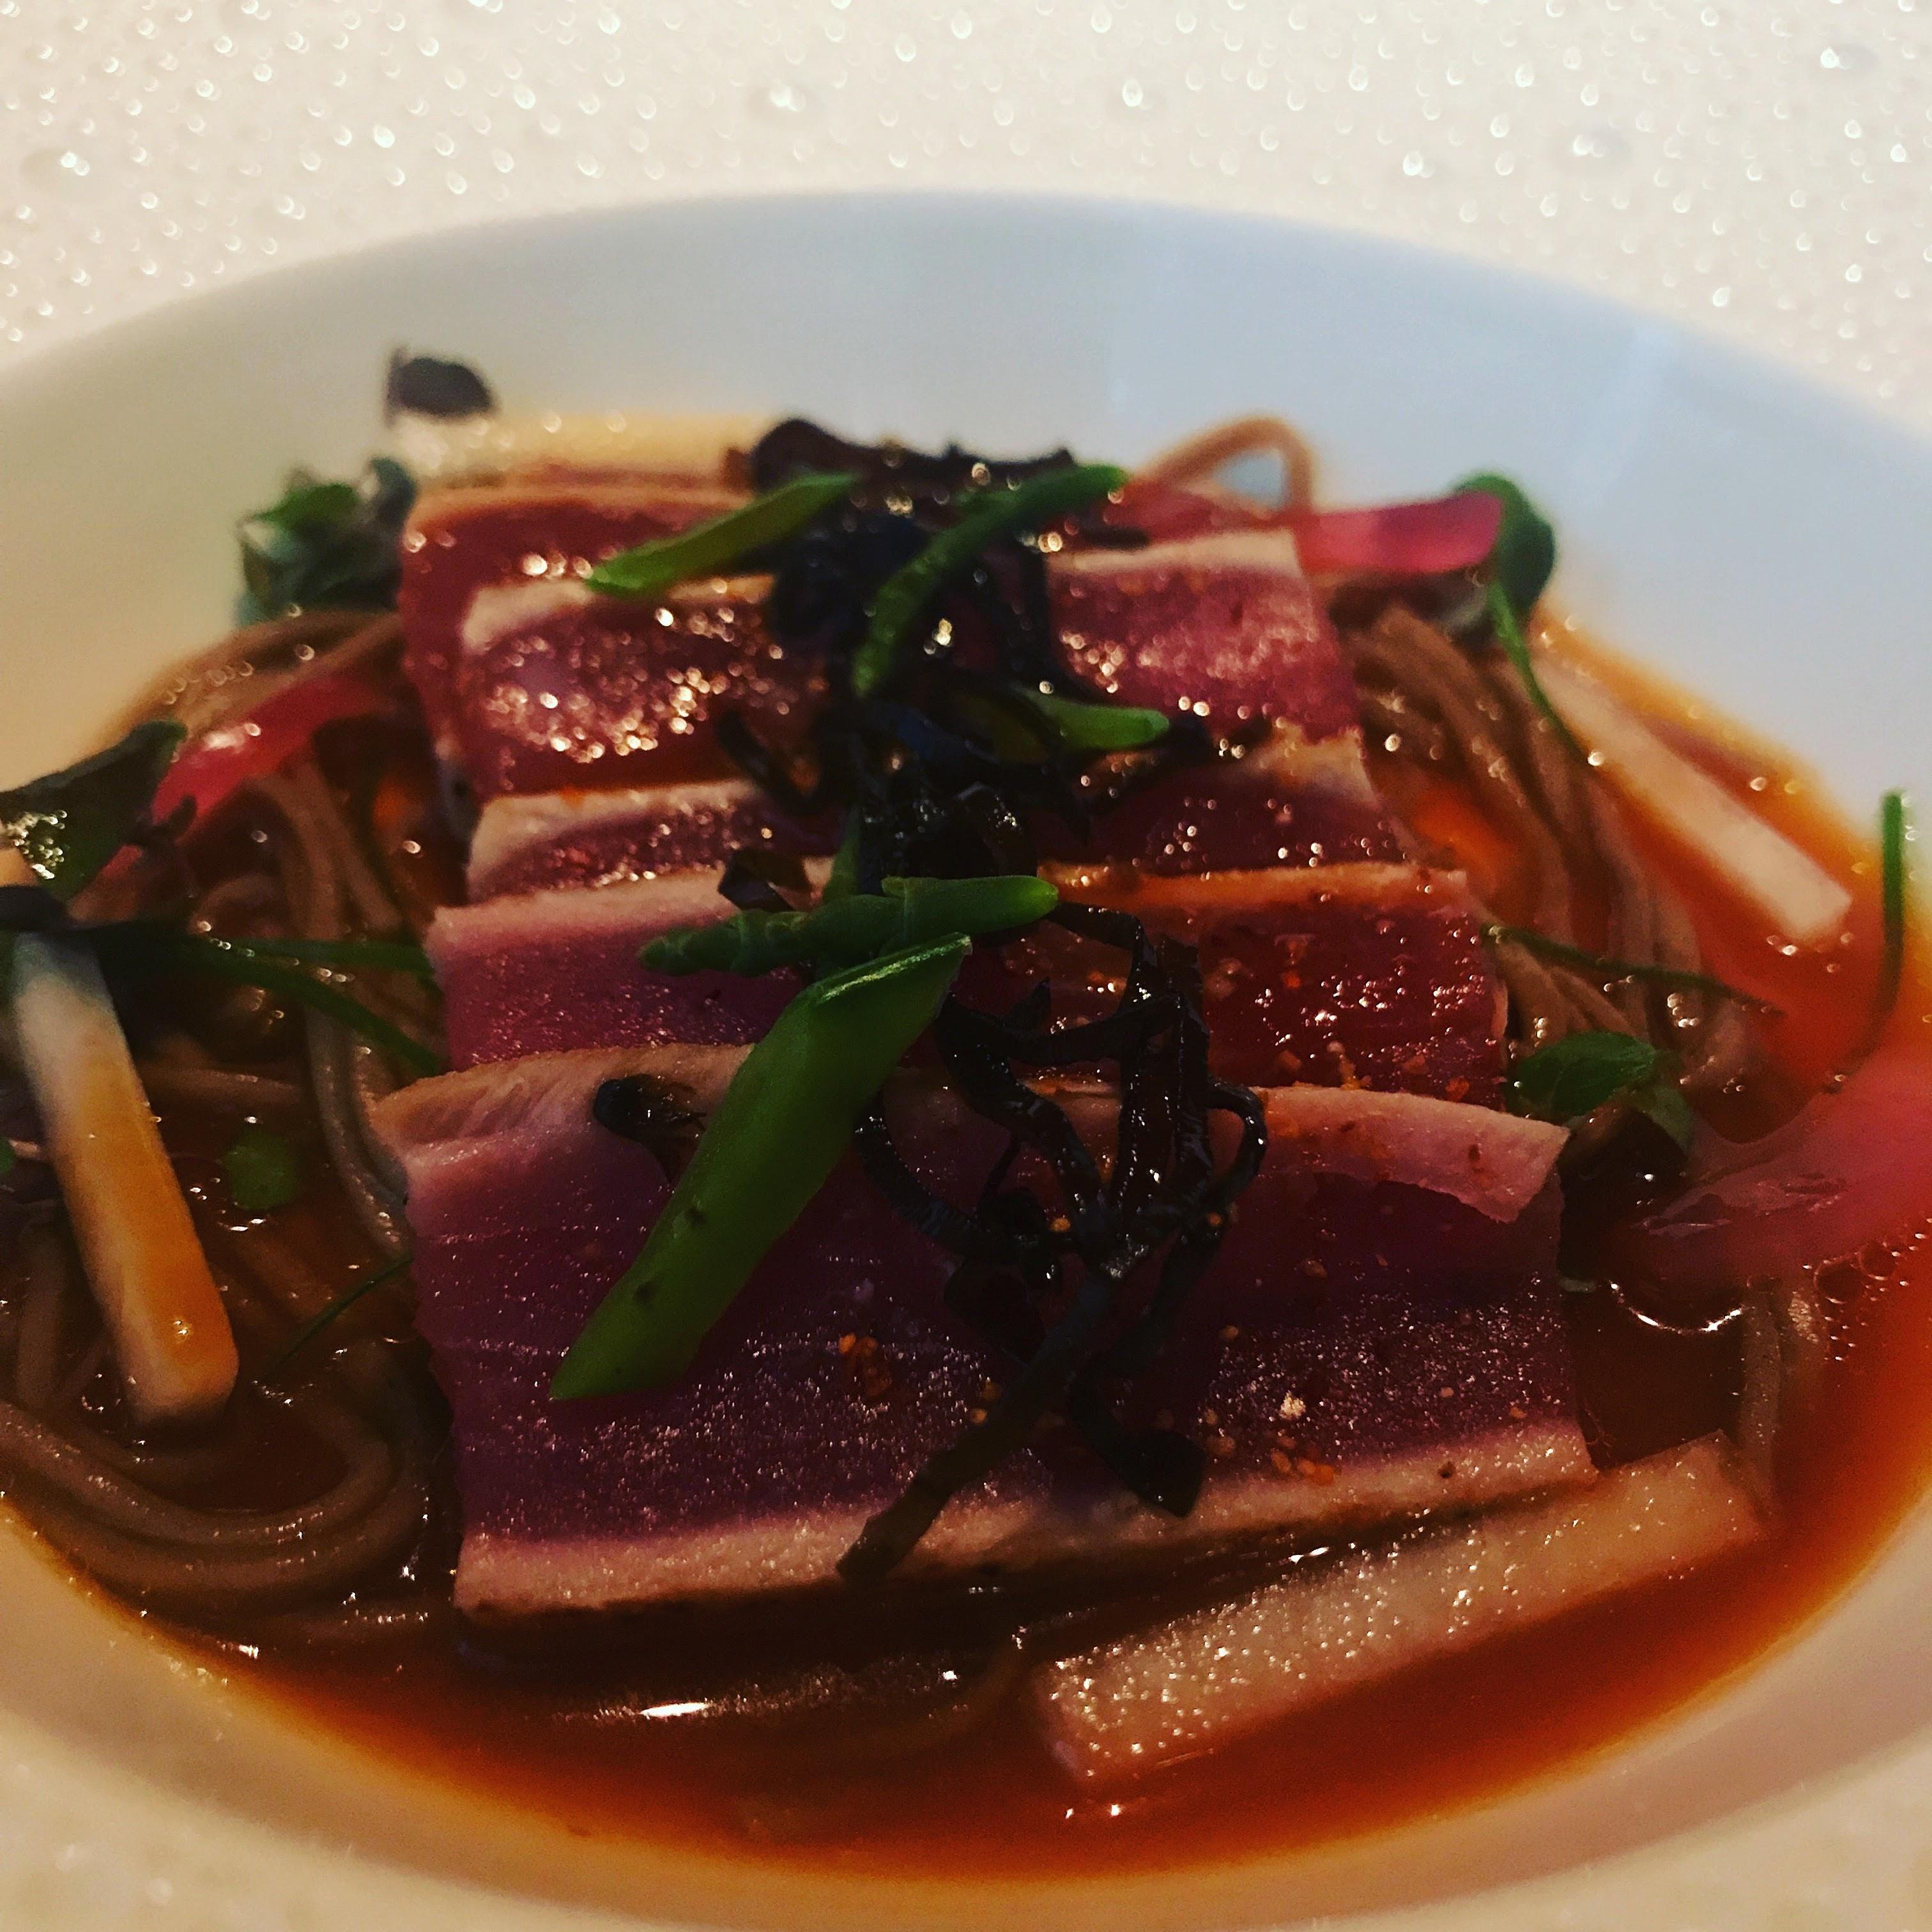 [I ate] Seared Yellowfin Tuna; Soba Noodles Kombu Confit Yuzu Dashi (le Bernardin)